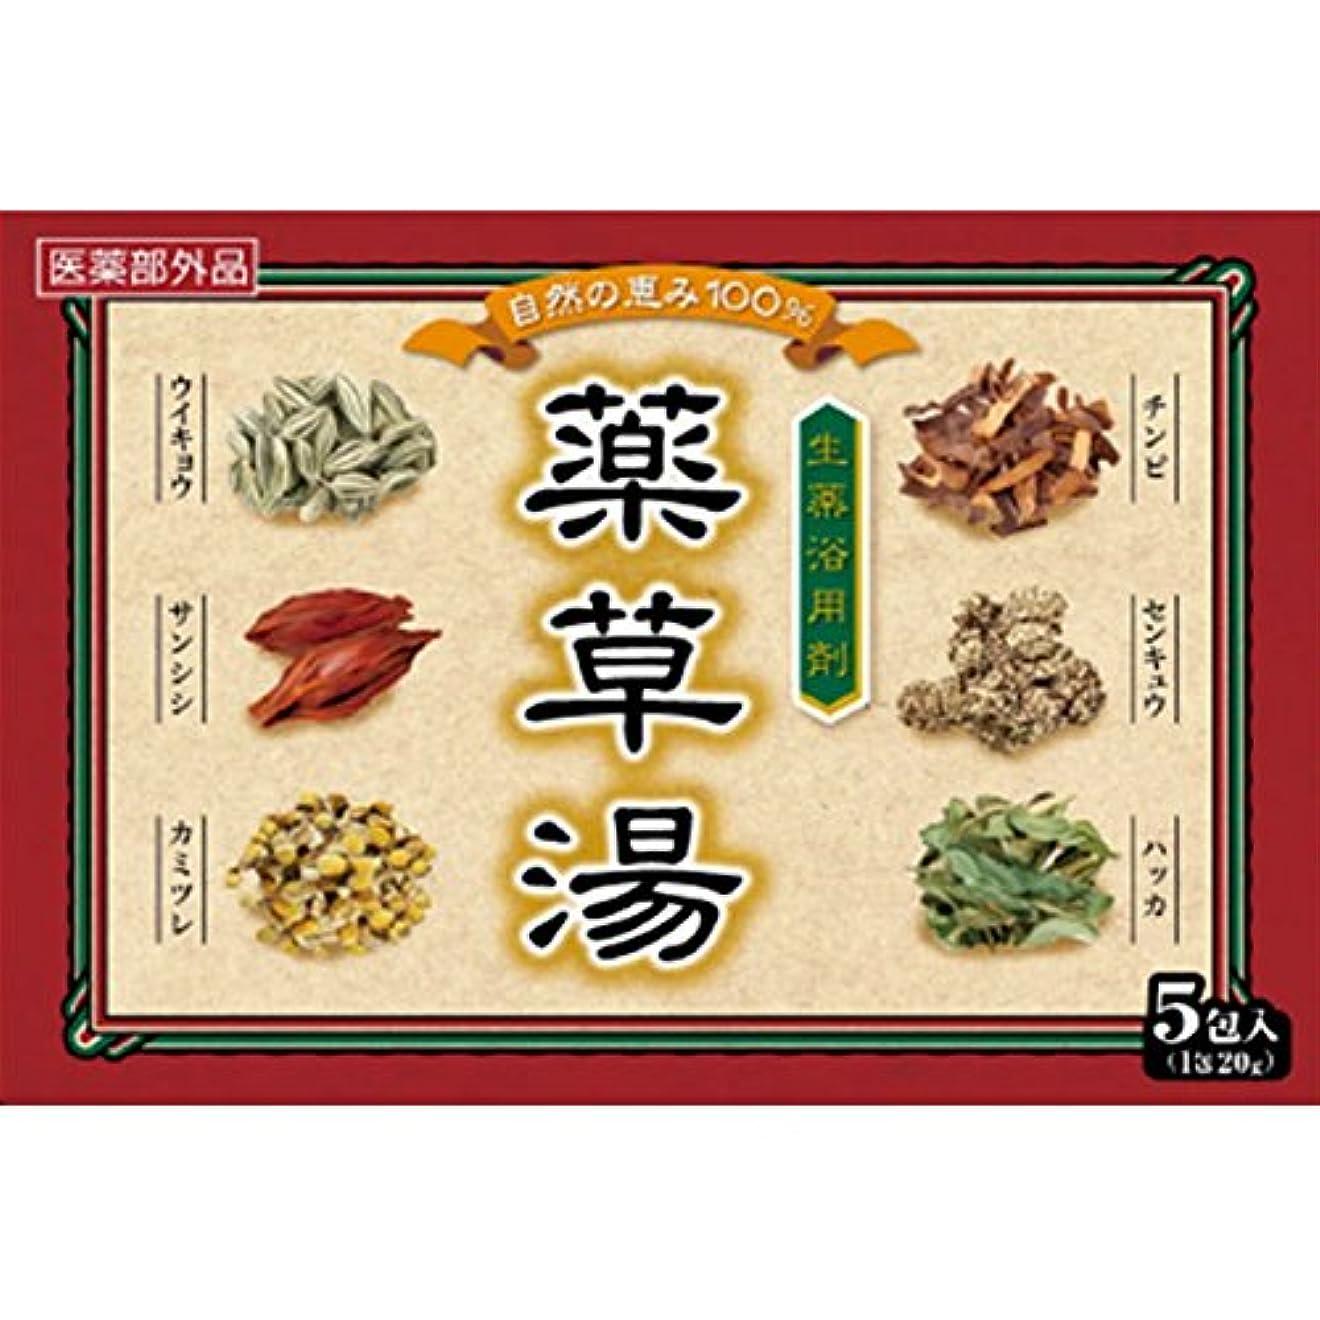 ビヨンシールドコンセンサス生薬浴用剤 薬草湯5包×9